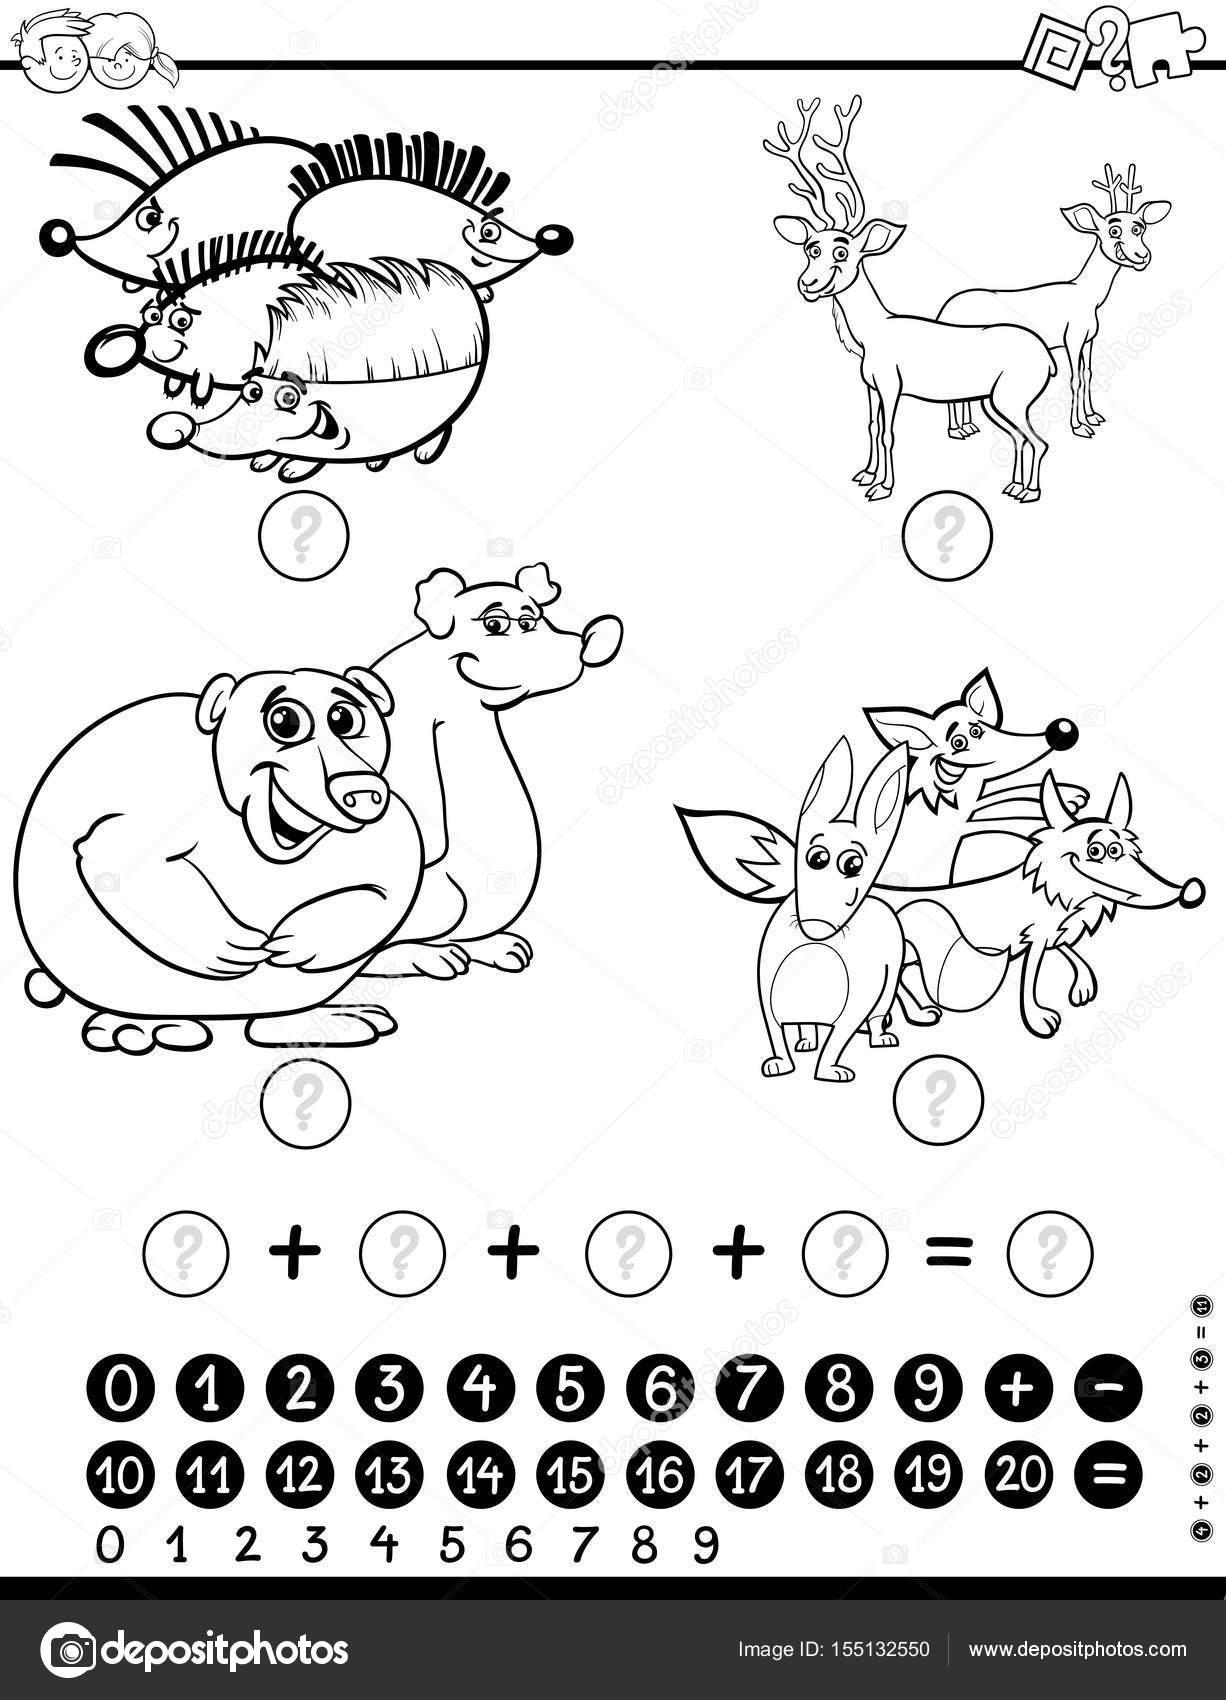 hoja de trabajo de matemáticas para colorear — Archivo Imágenes ...